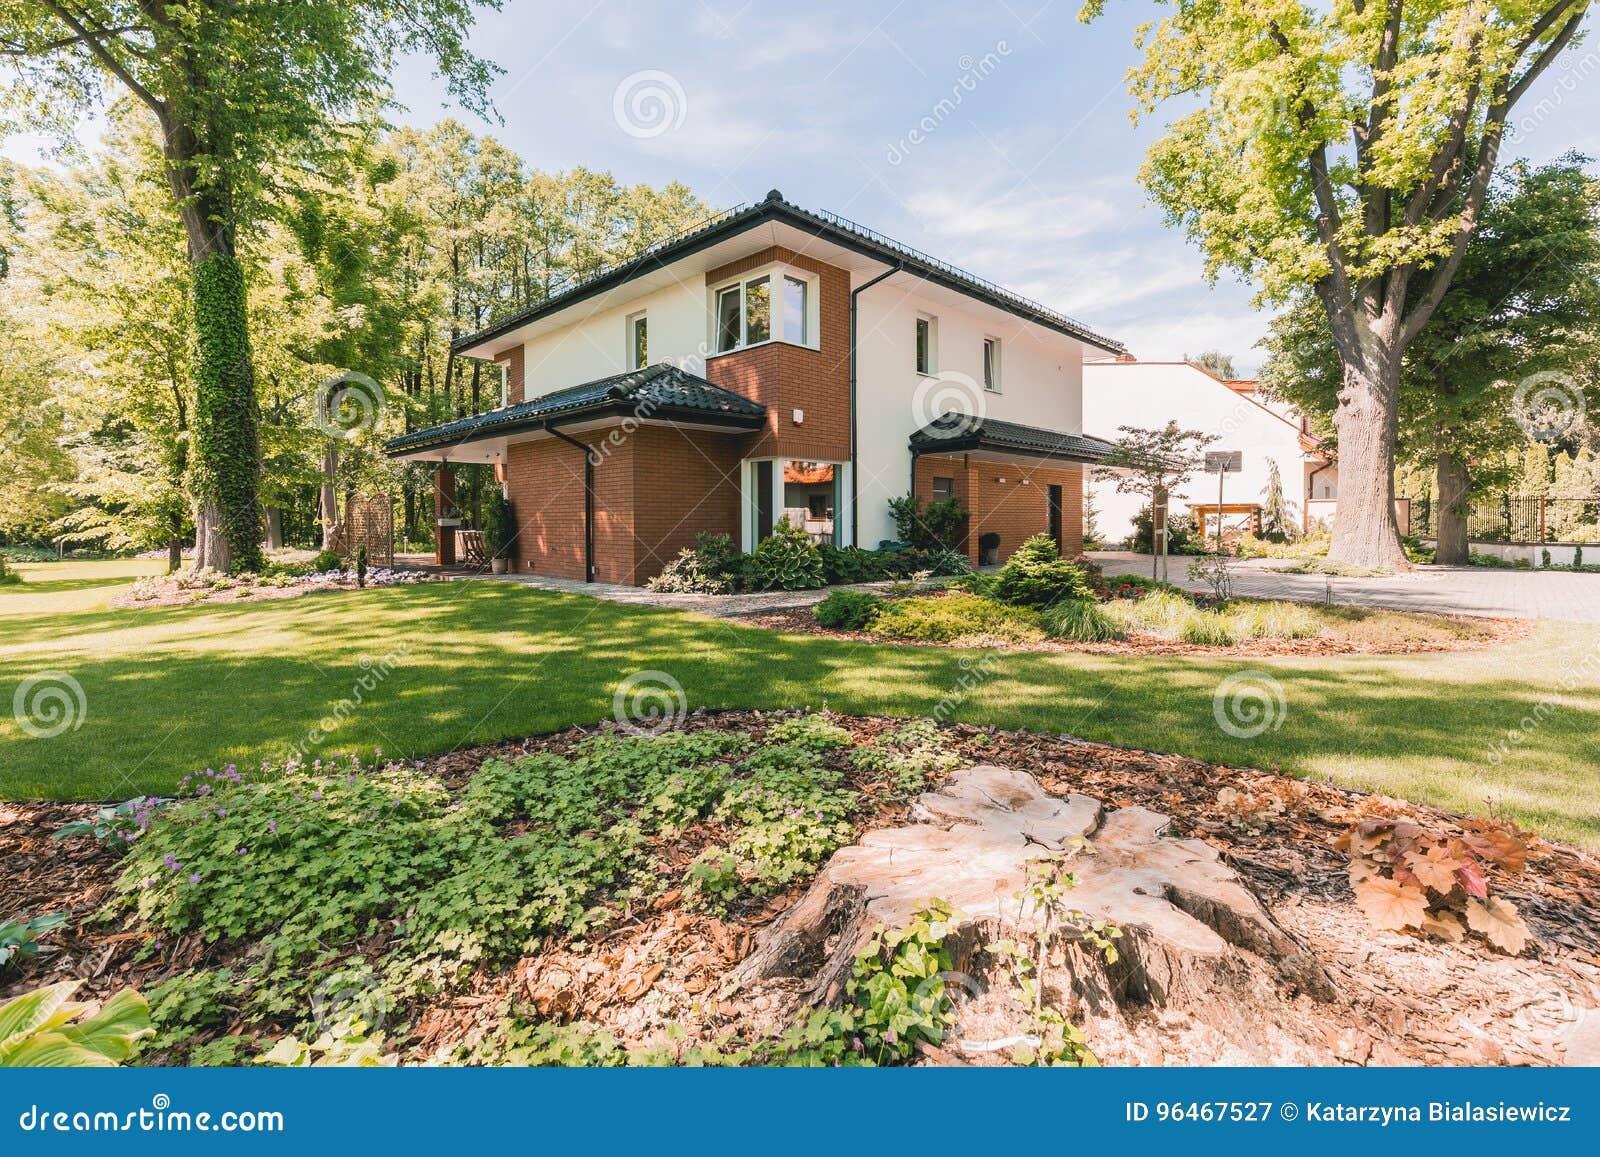 La Veranda Di Campagna casa della famiglia con la veranda soleggiata immagine stock